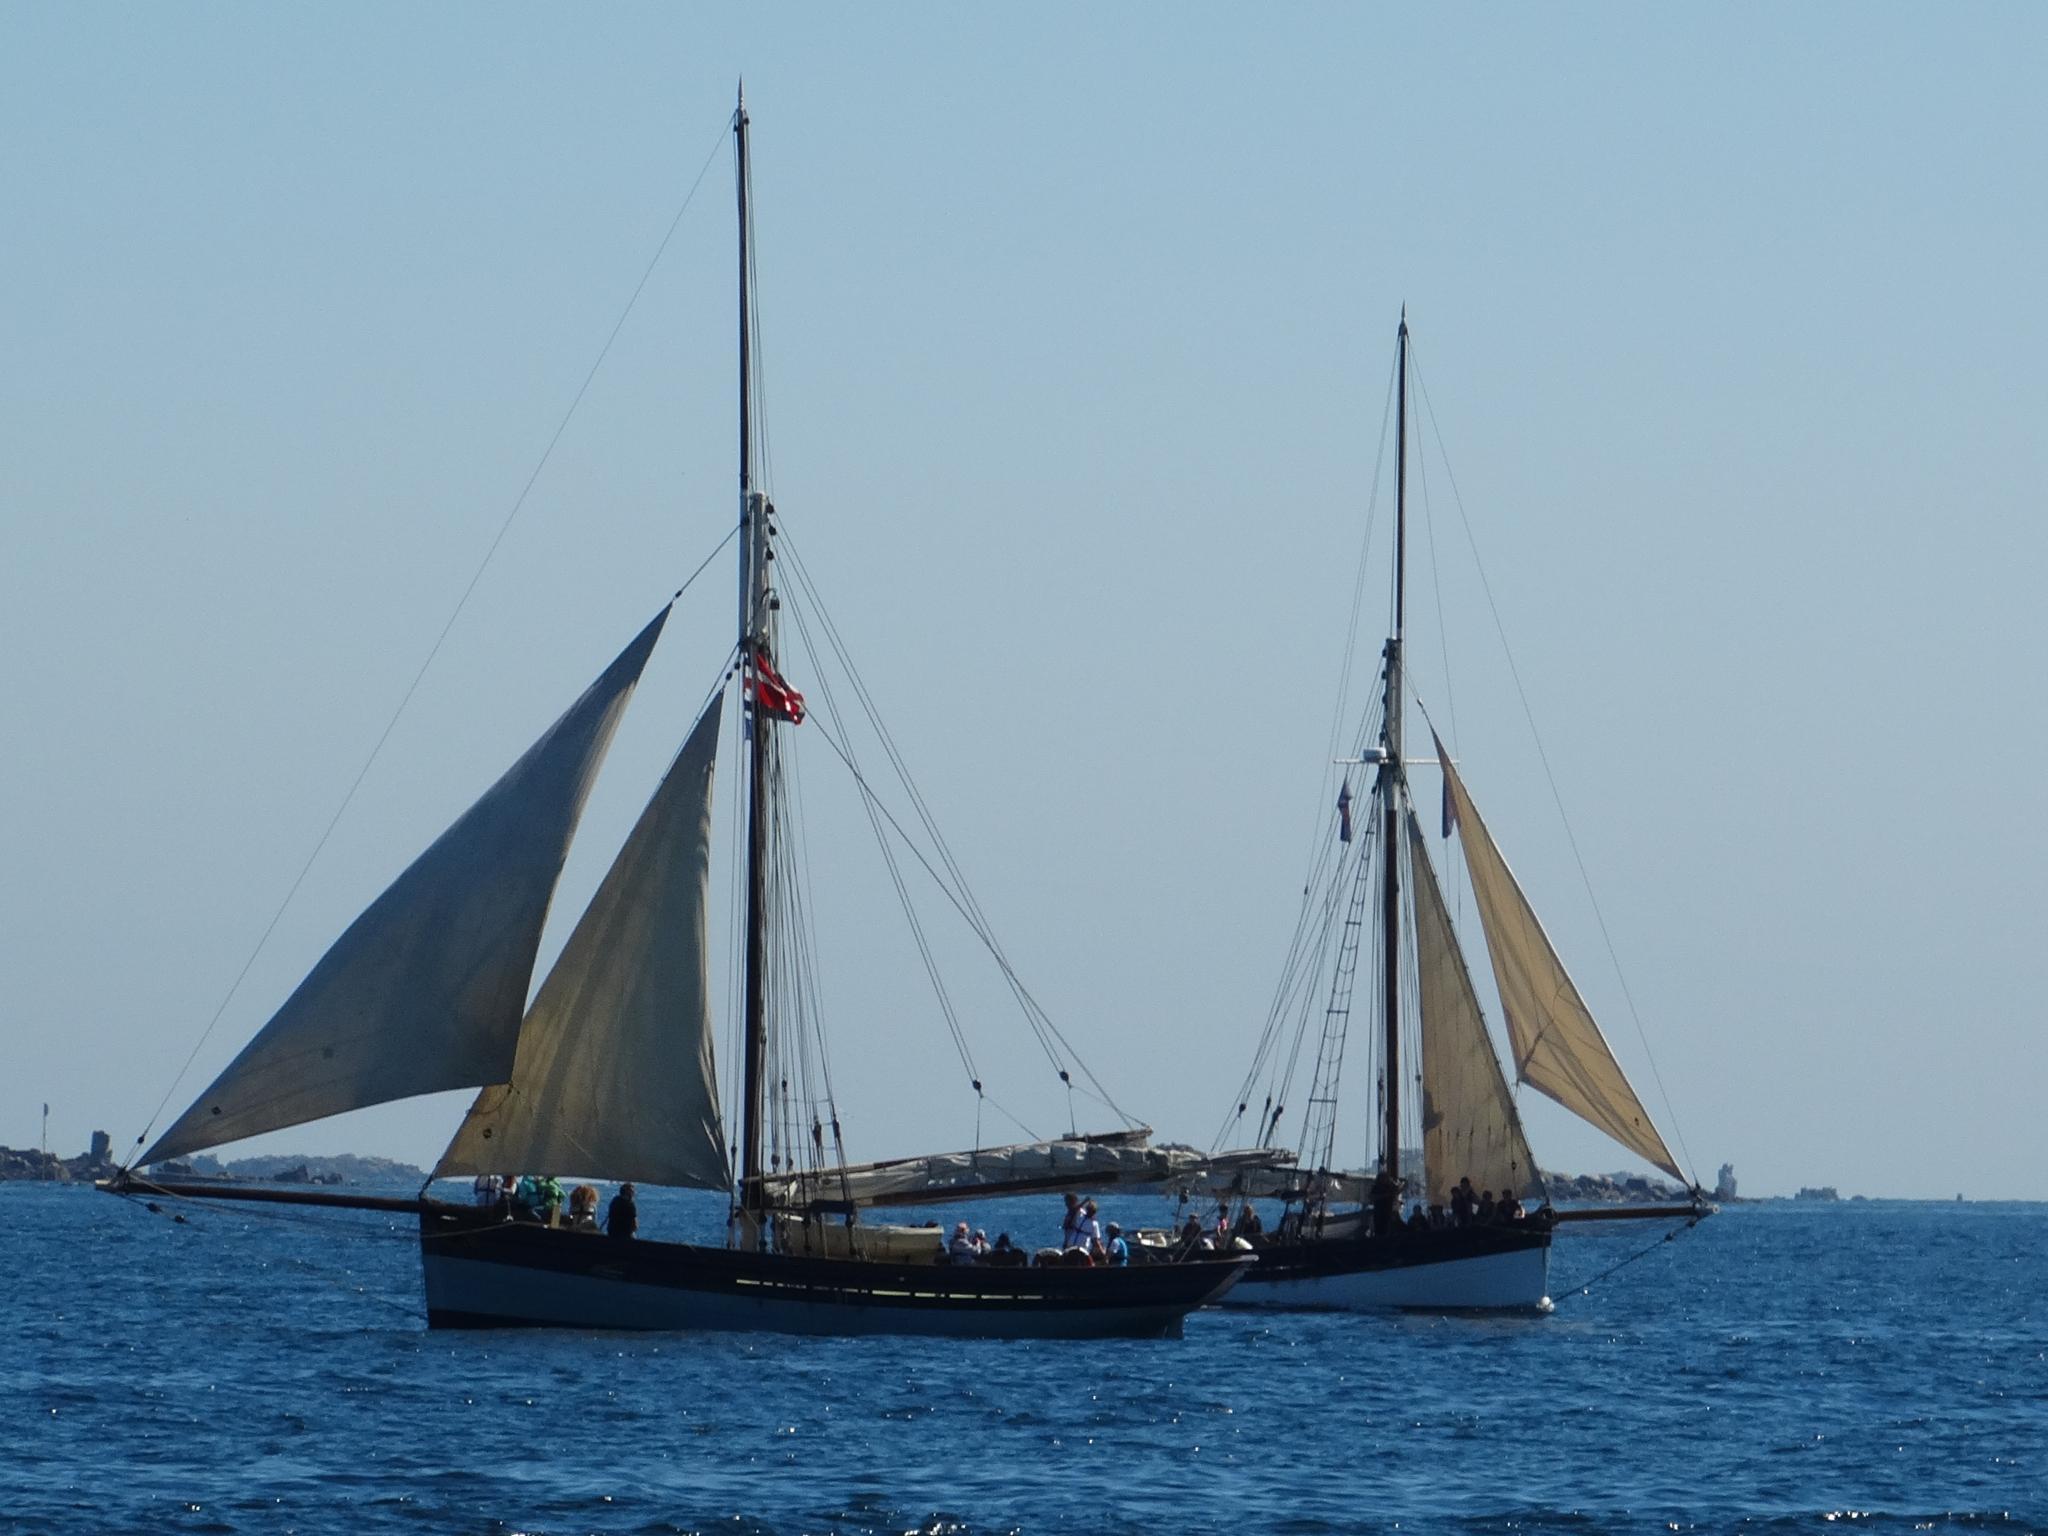 sailing the channel islands by wilma van heusden